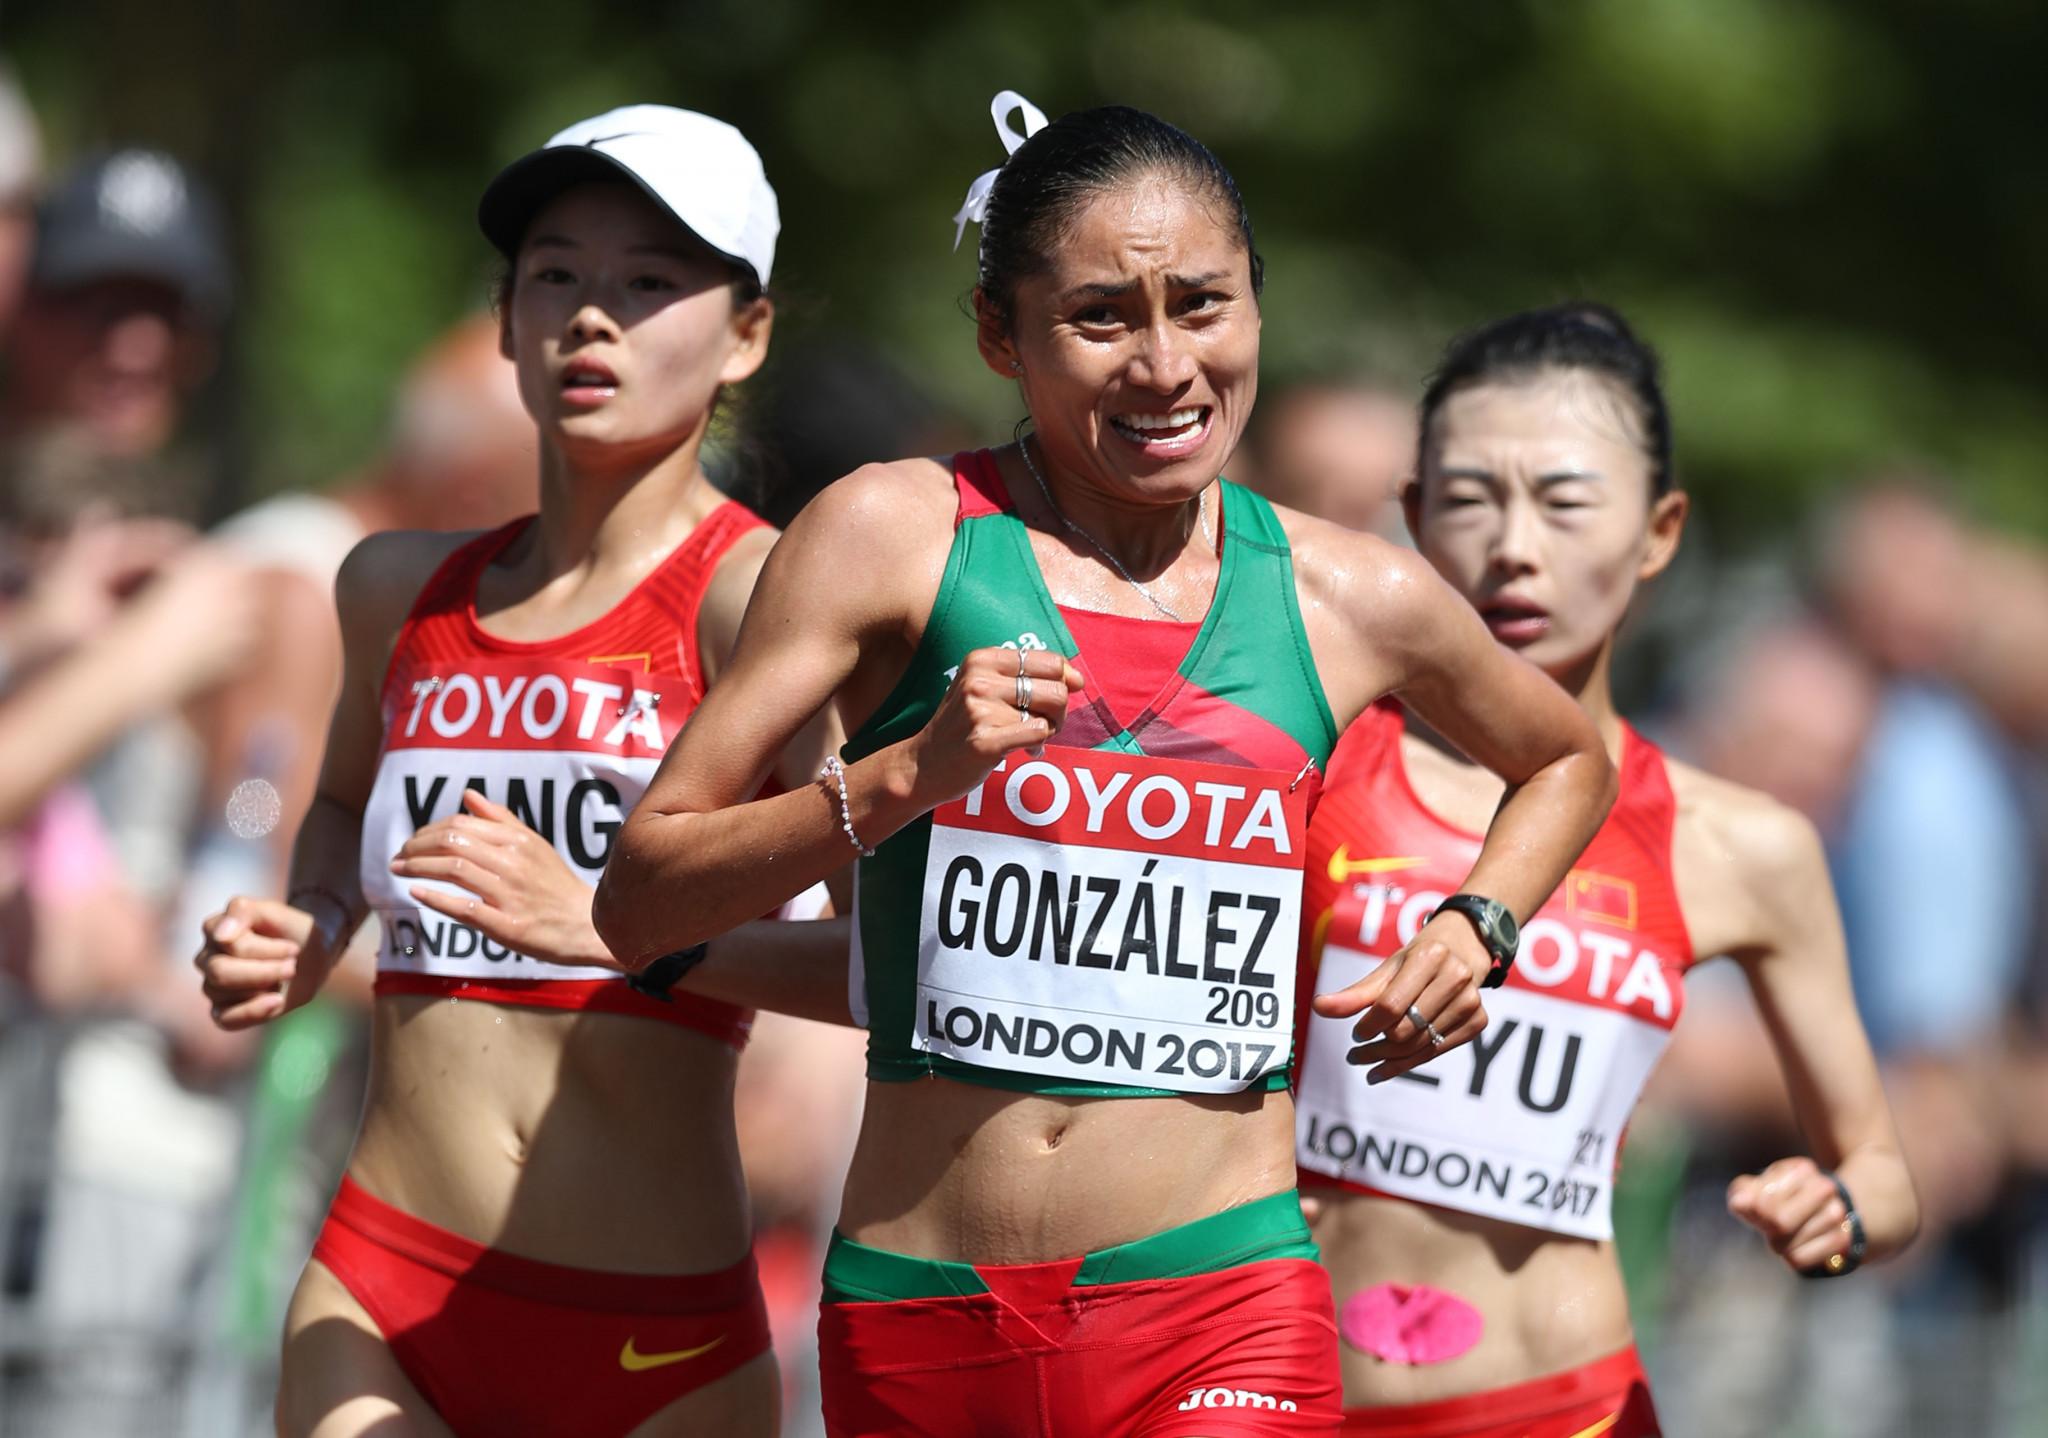 Monterrey set to host second event of 2018 IAAF Race Walking Challenge